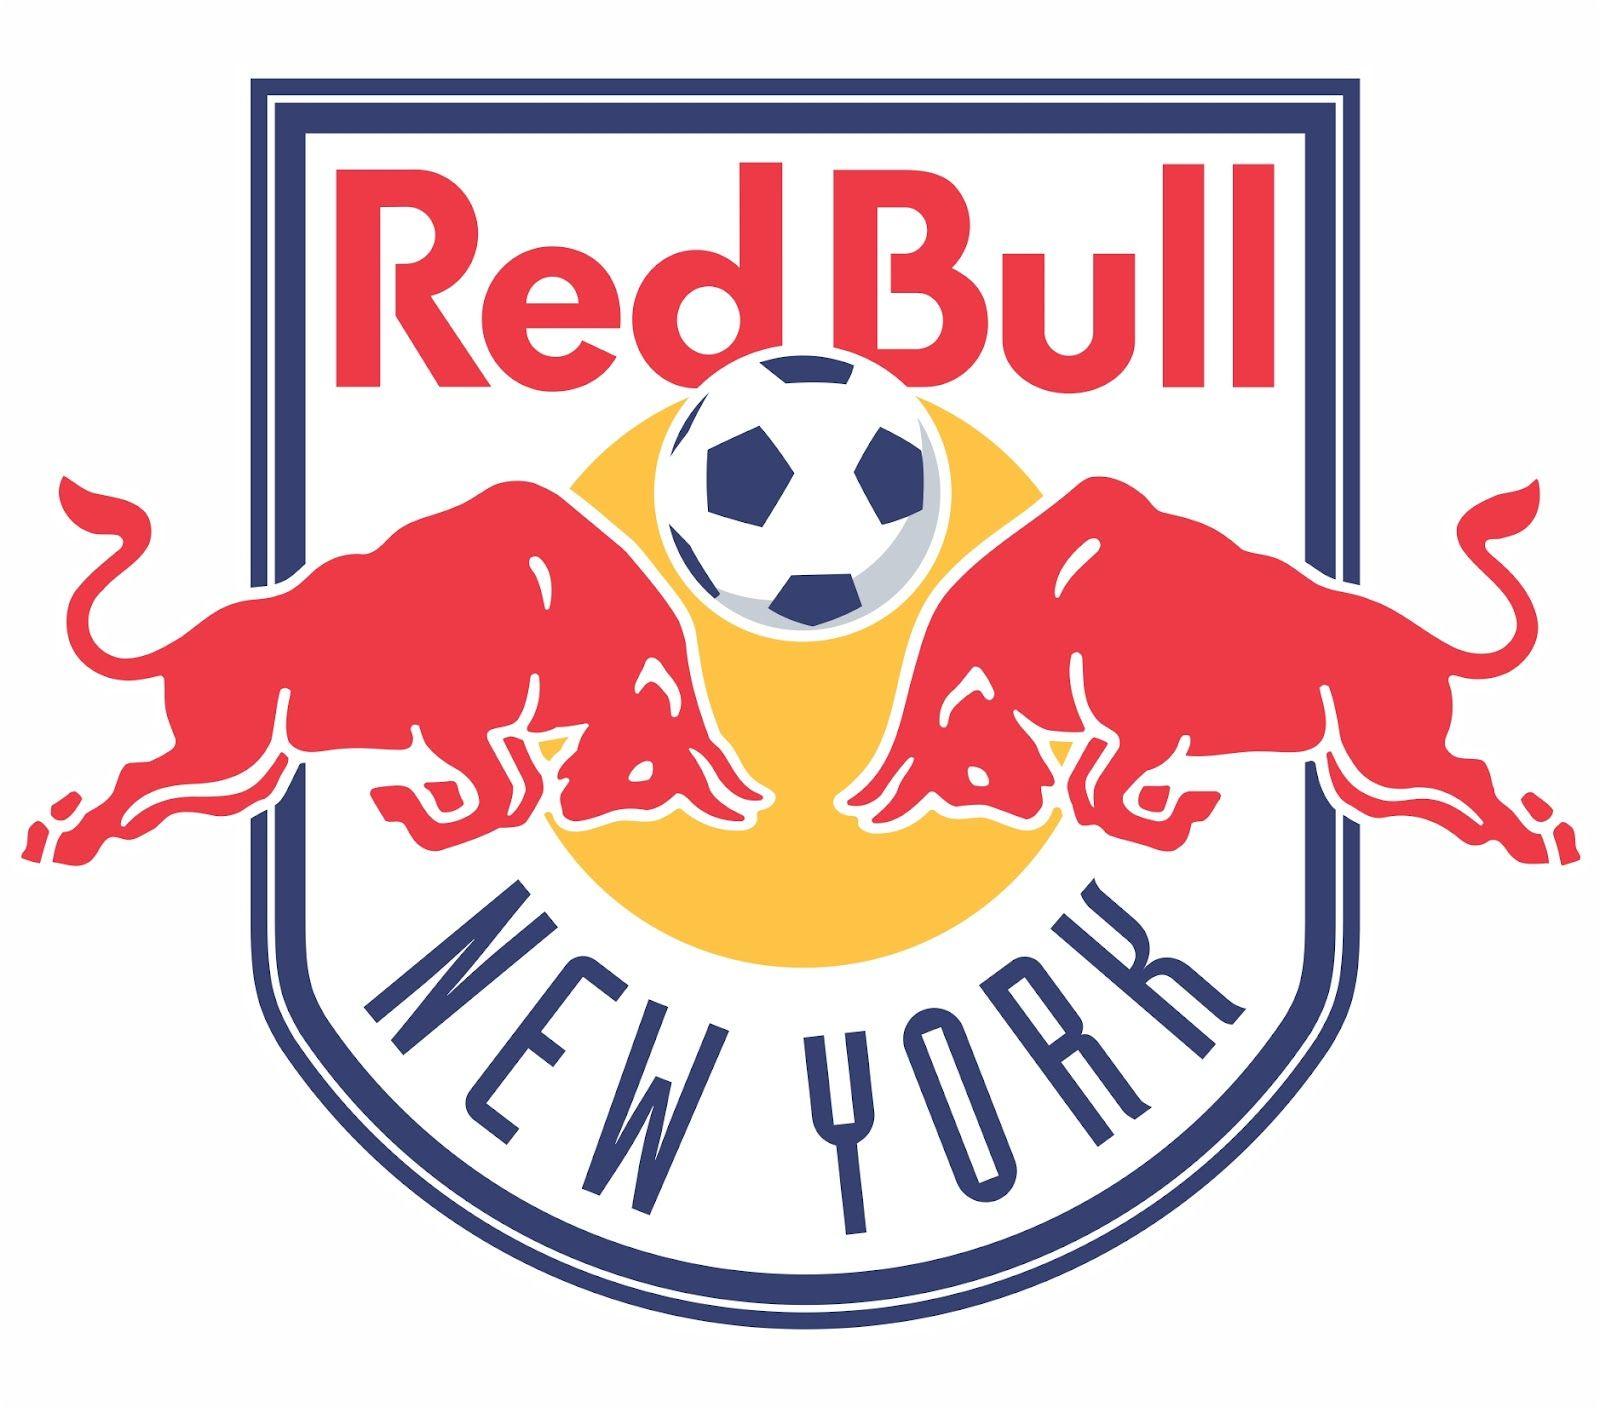 logo+escudo+New+York+Red+Bulls+soccer+fooaball.jpg (1600